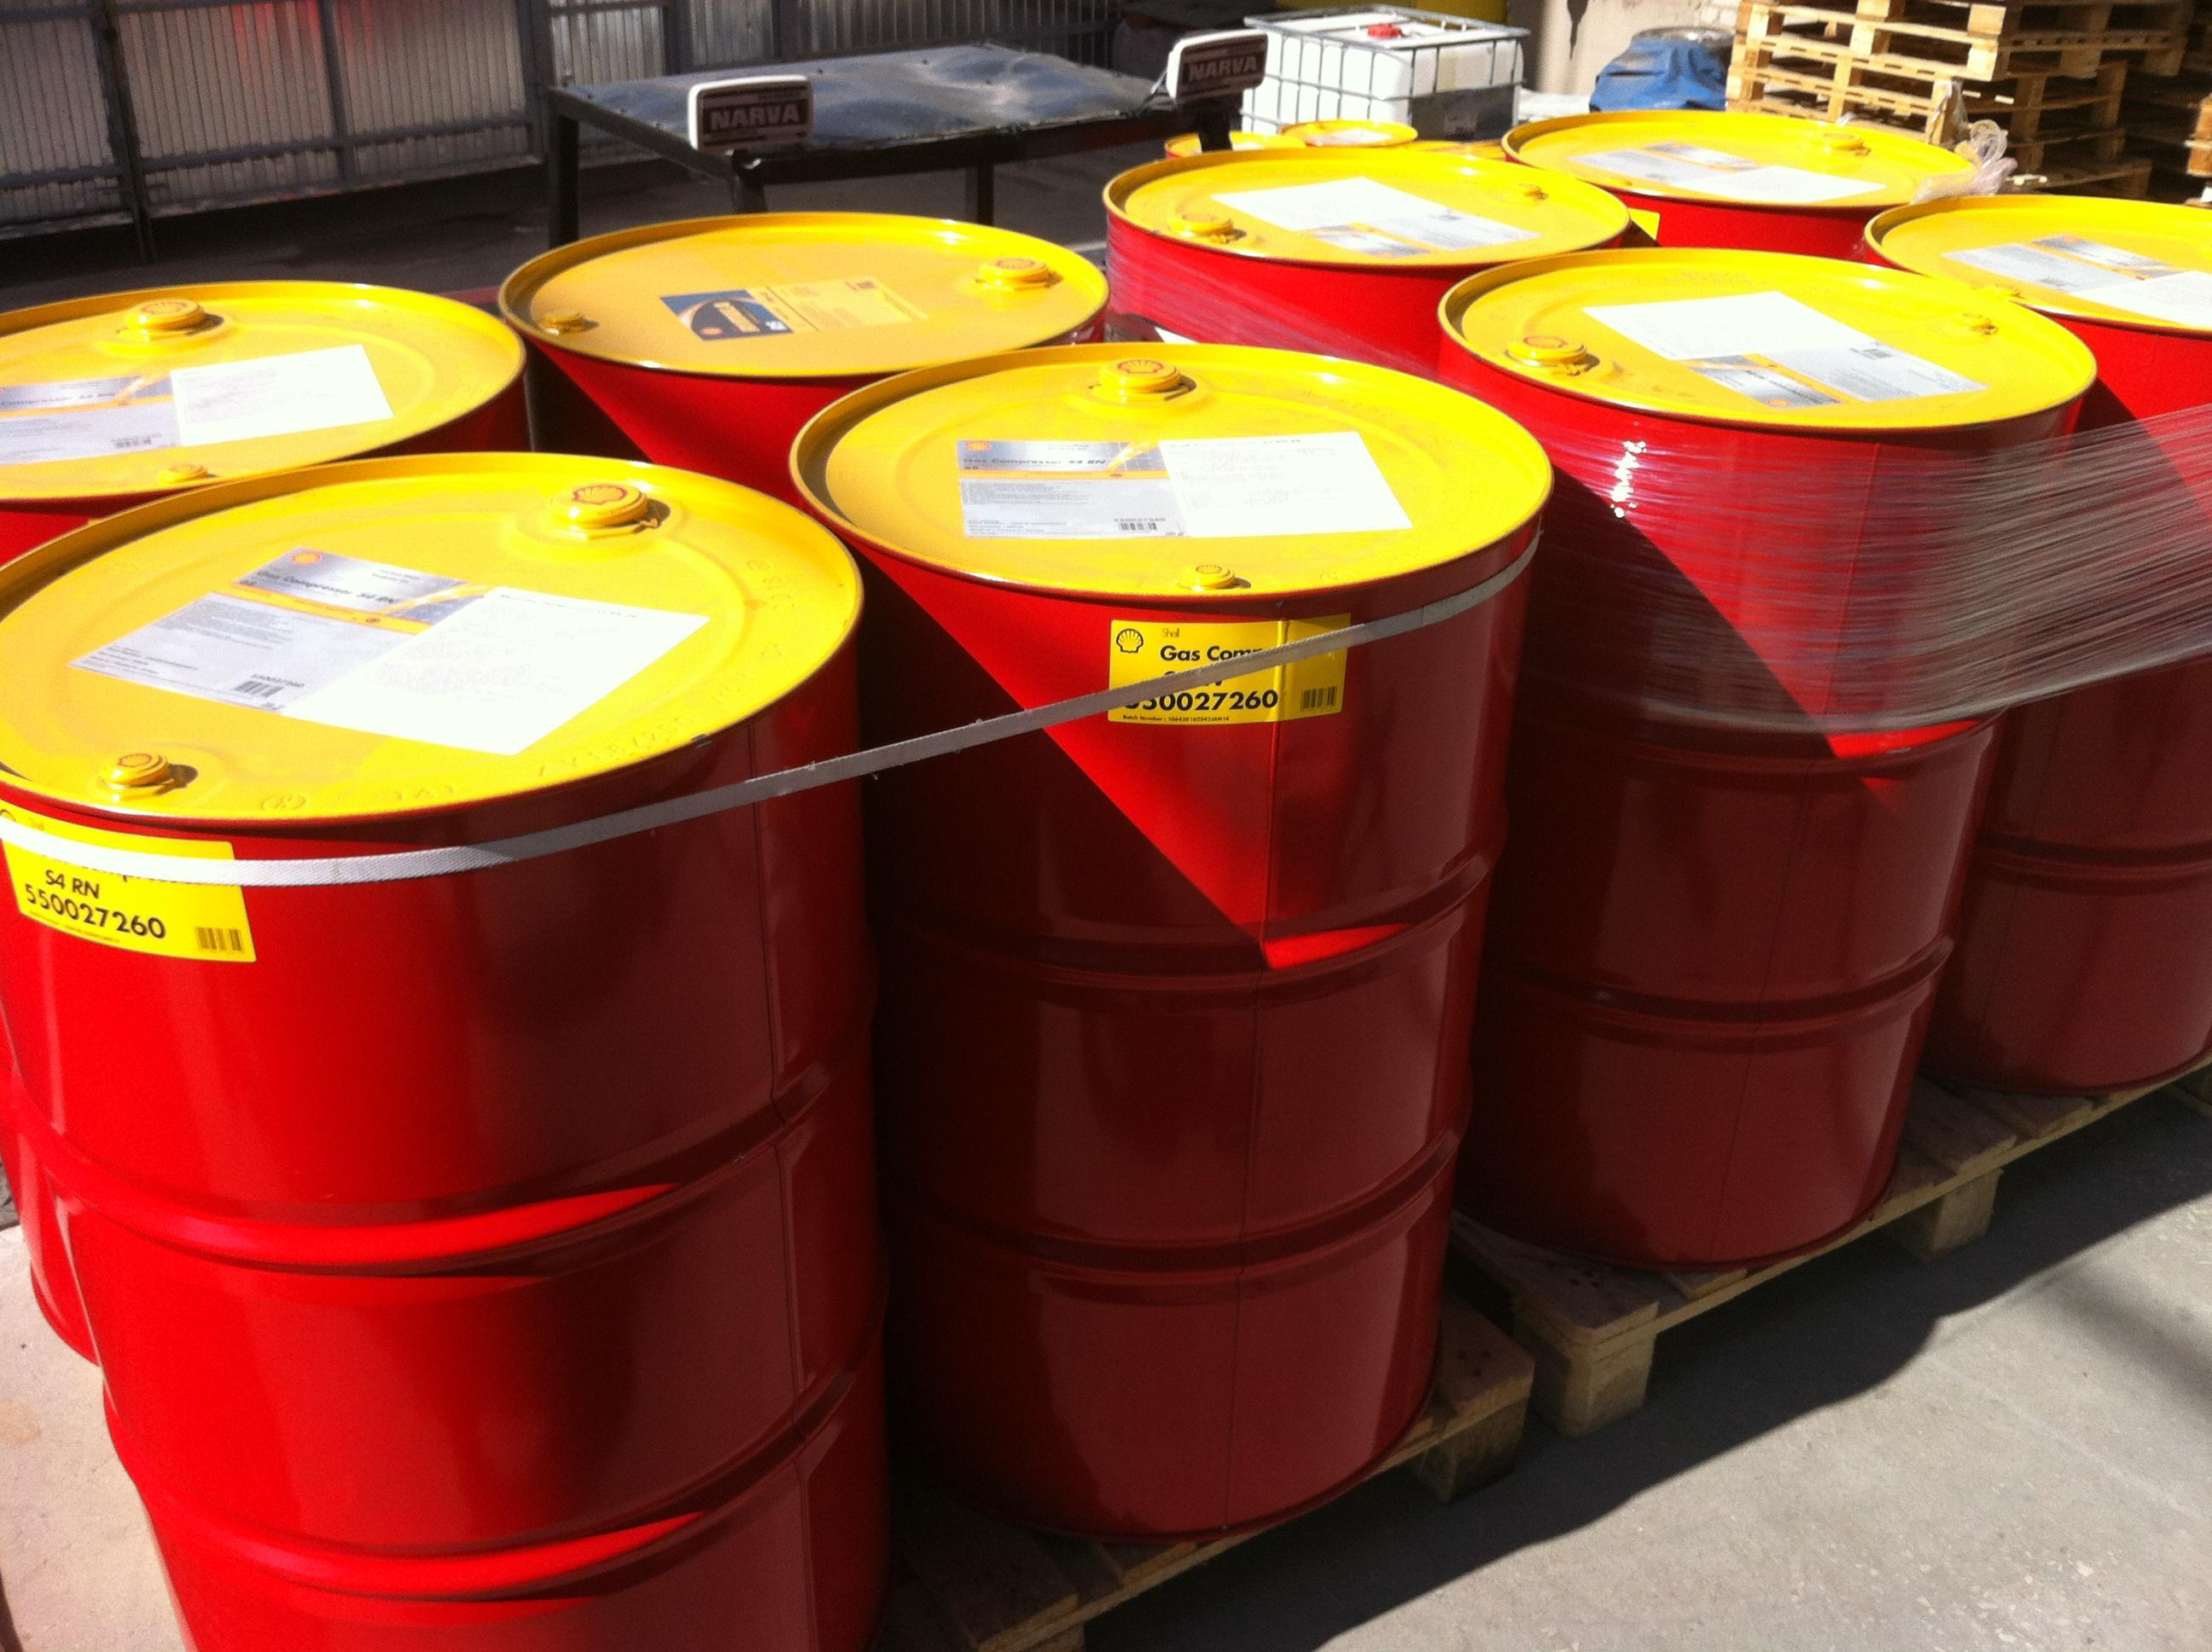 Масло Shell Gas Compressor Oil S4 RN 68 может применяться в компрессорах, подающих природный и нефтяной газ для заправки транспортных средств, работающих на газе.